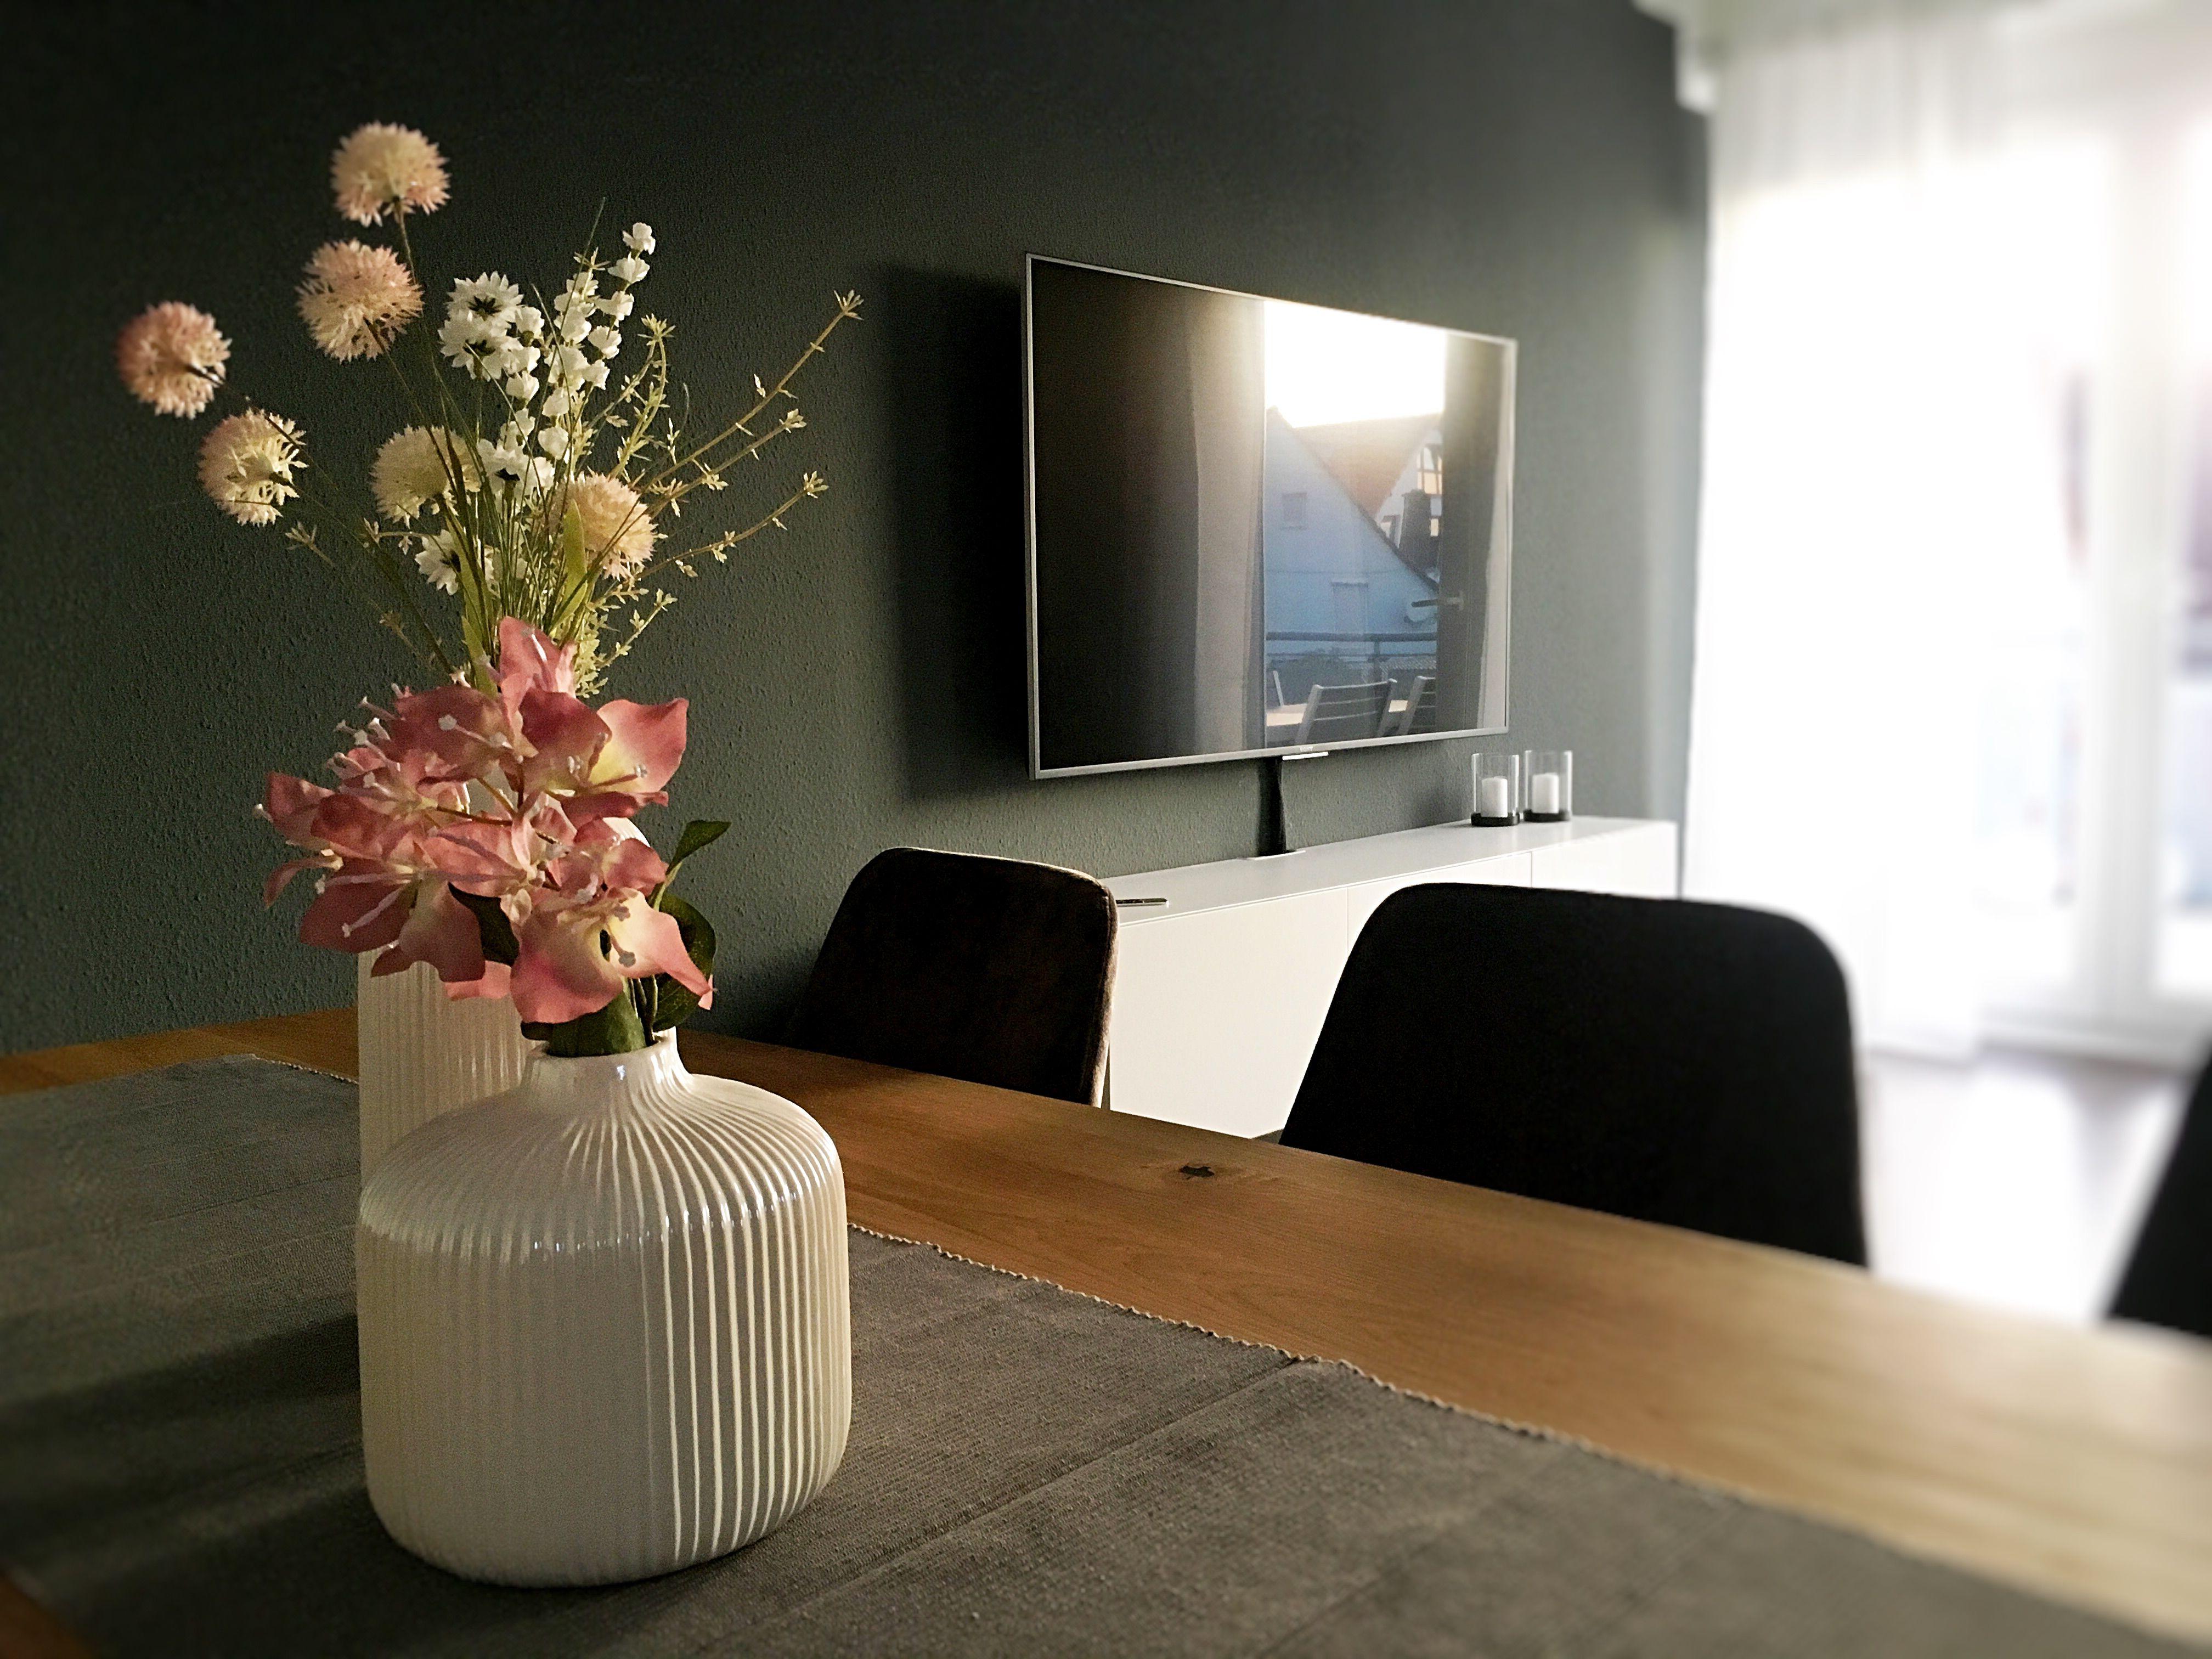 Wunderschön Mein Wohnzimmer Foto Von Ein Kleiner Einblick In (werbung)